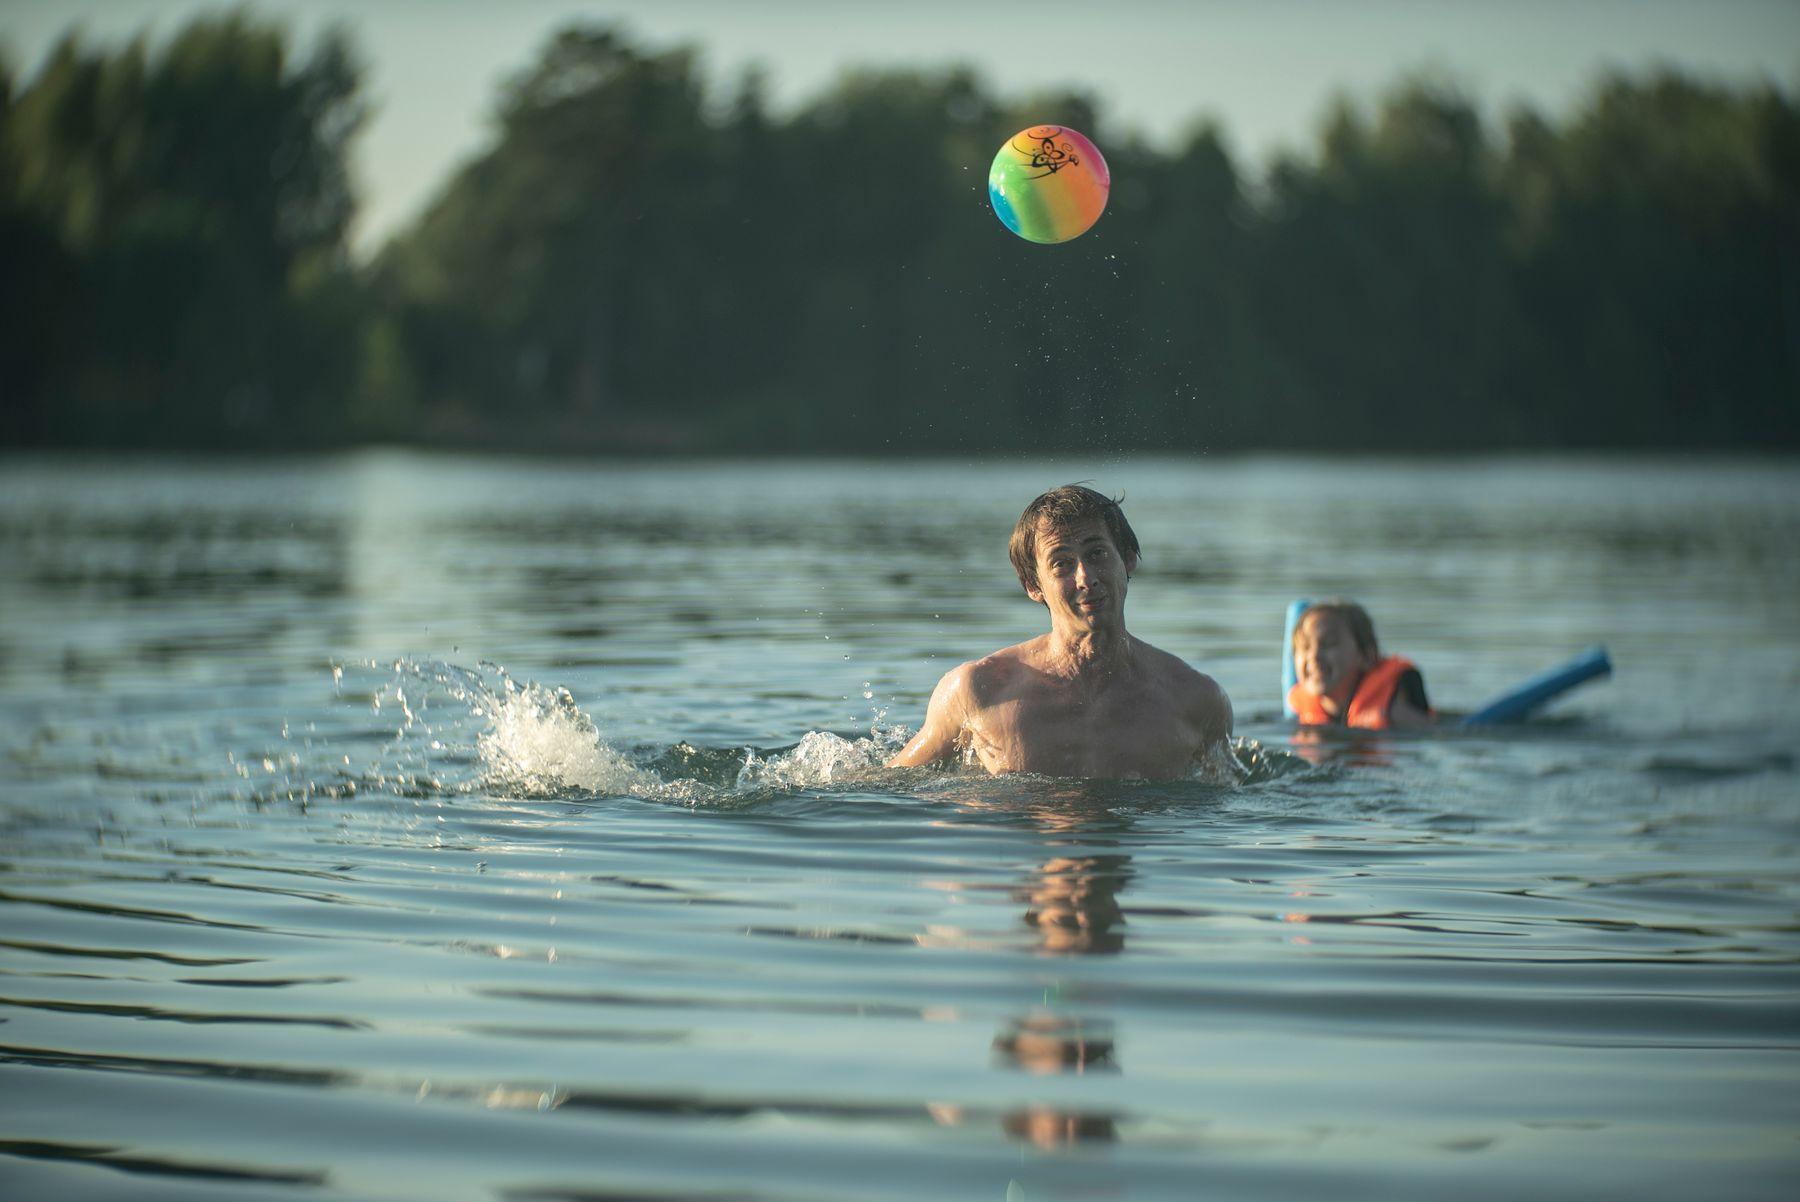 Водные процедуры с мячом